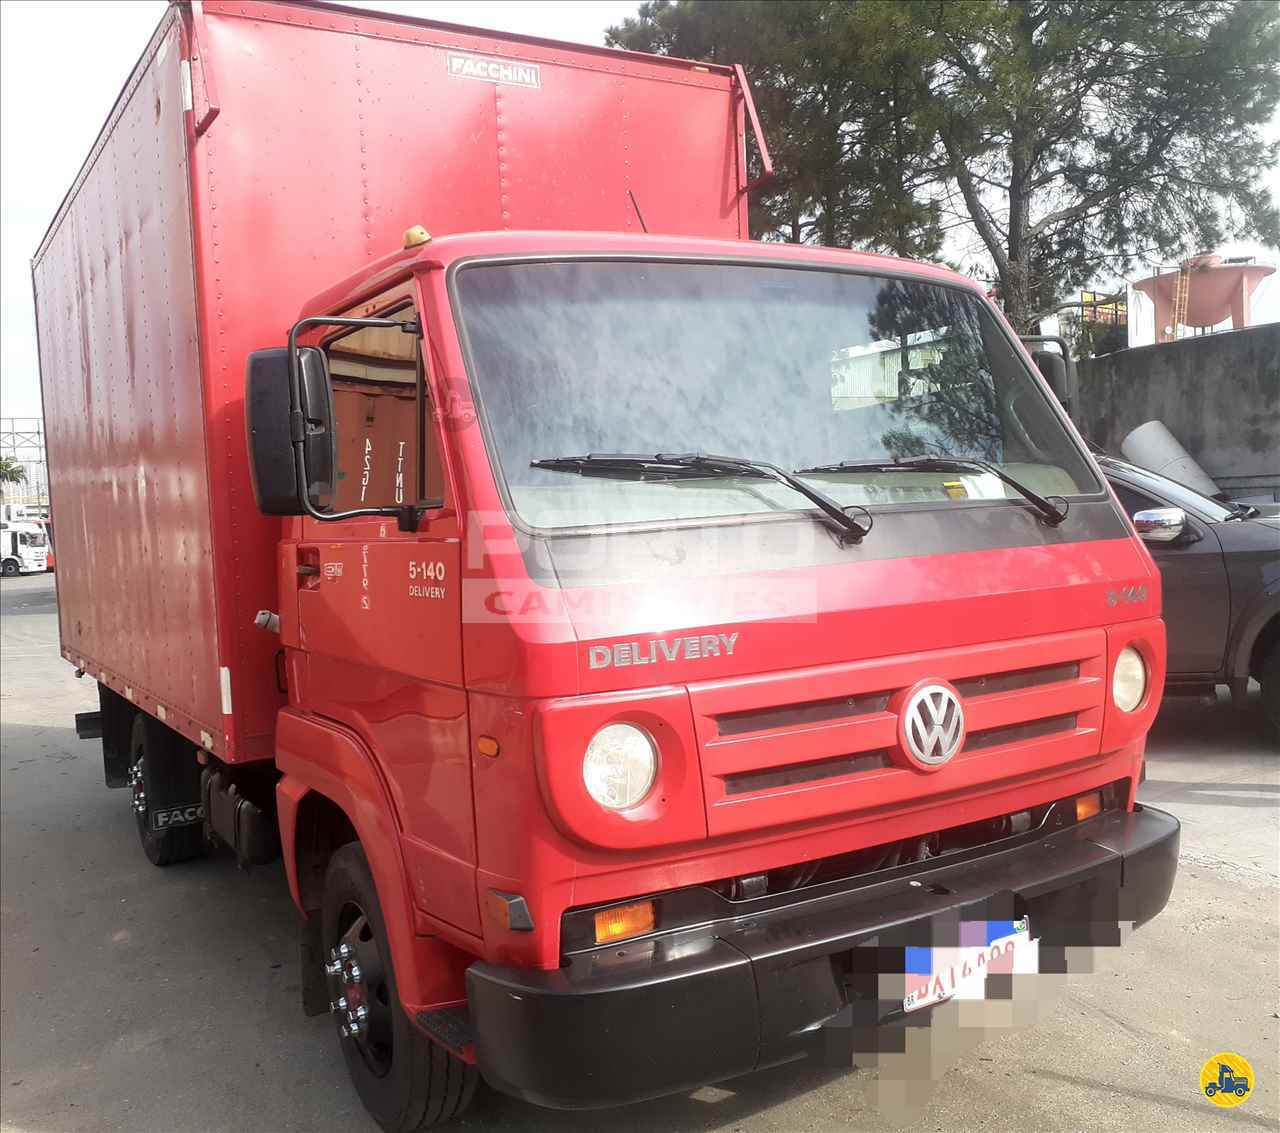 CAMINHAO VOLKSWAGEN VW 5140 Baú Furgão 3/4 4x2 Porto Caminhões GUARULHOS SÃO PAULO SP